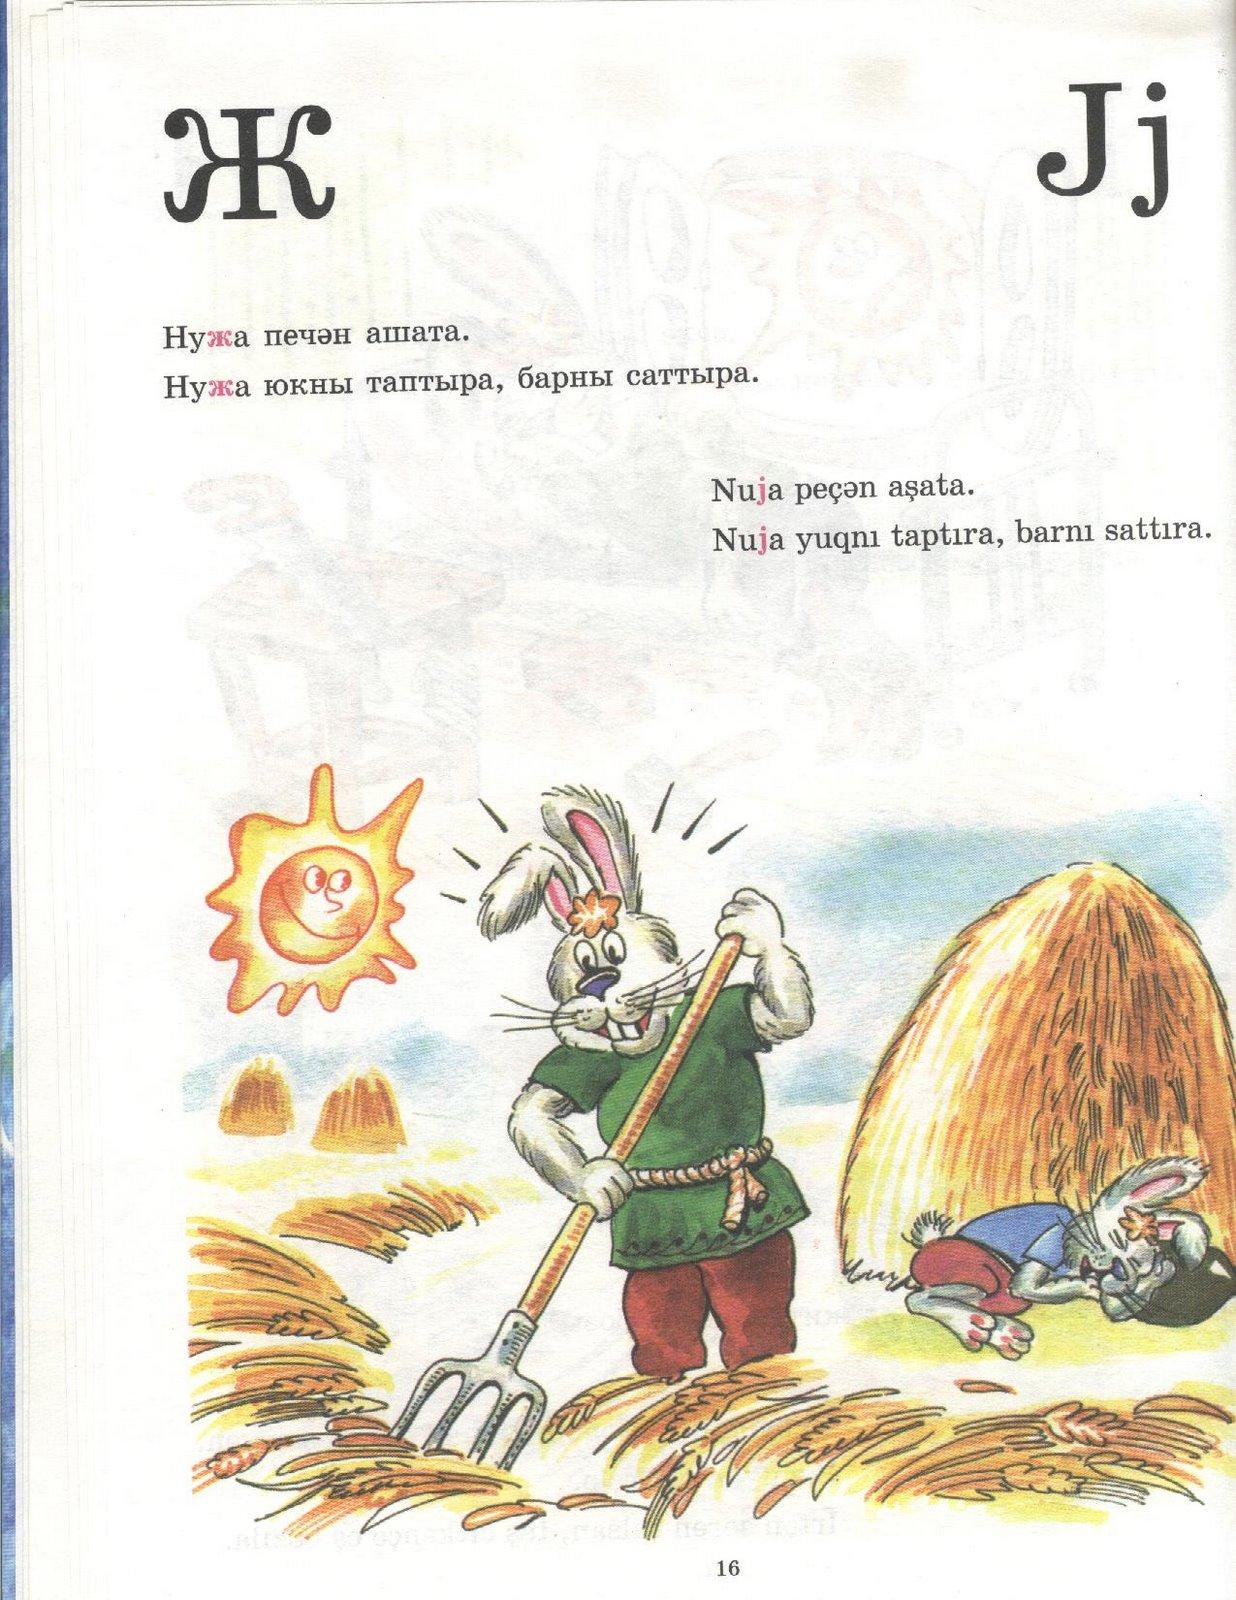 Kril-Latin Öğrenü Jj